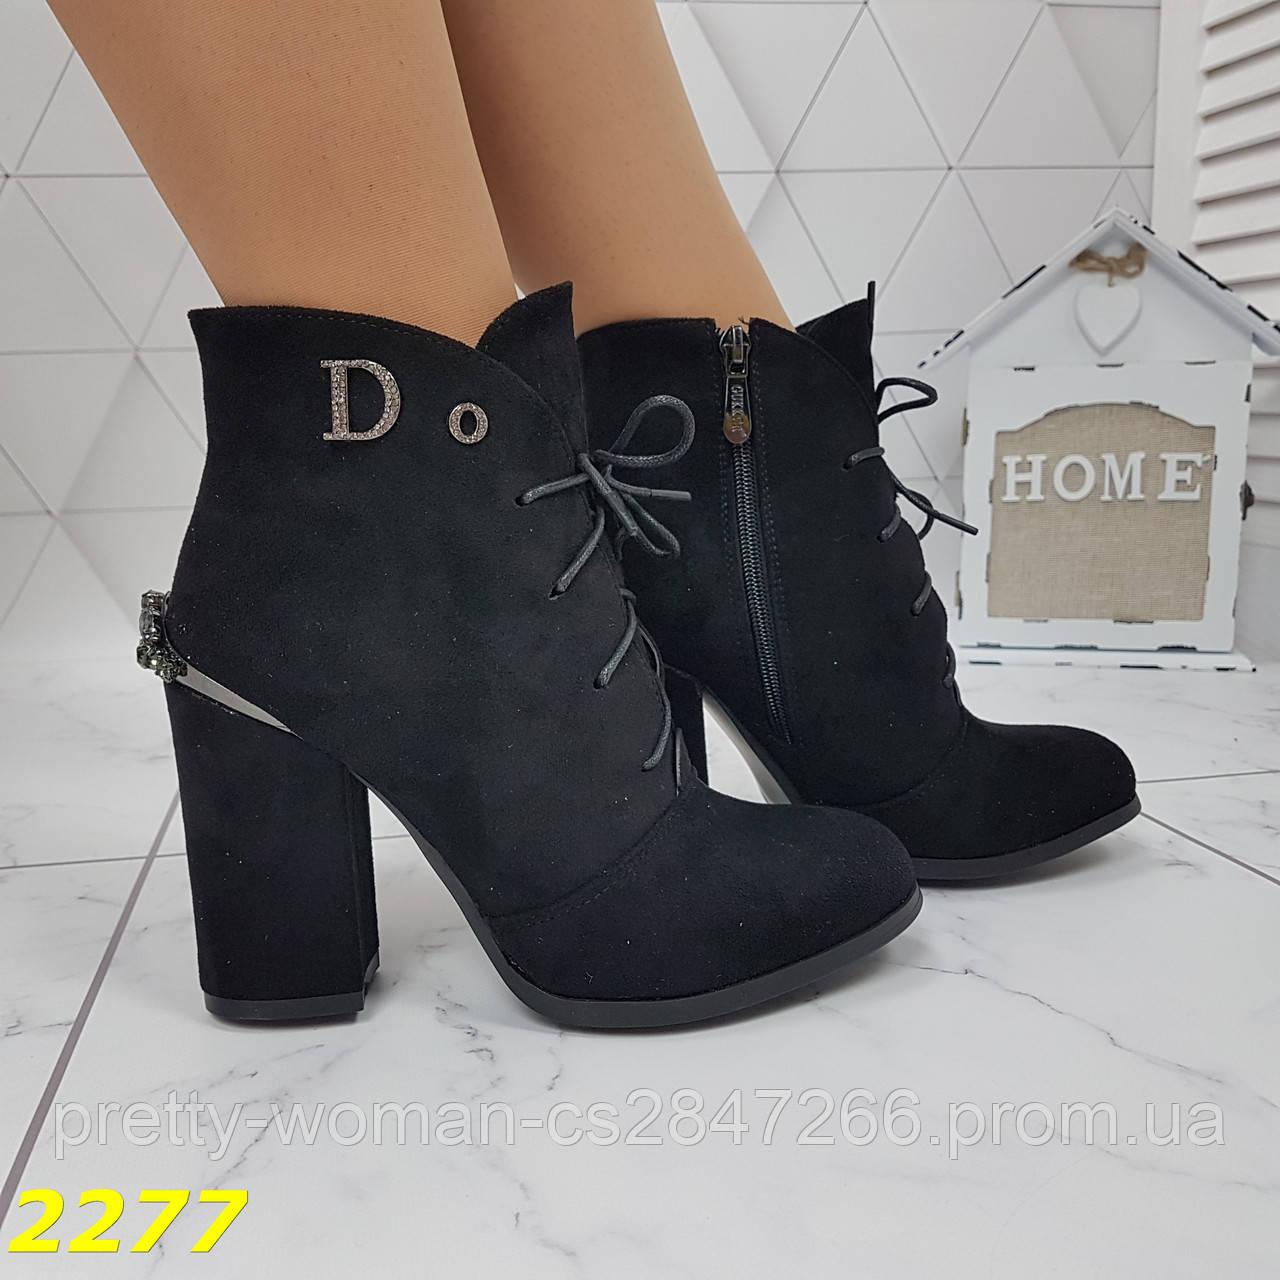 Ботинки замшевые на шнуровке классика широкий каблук